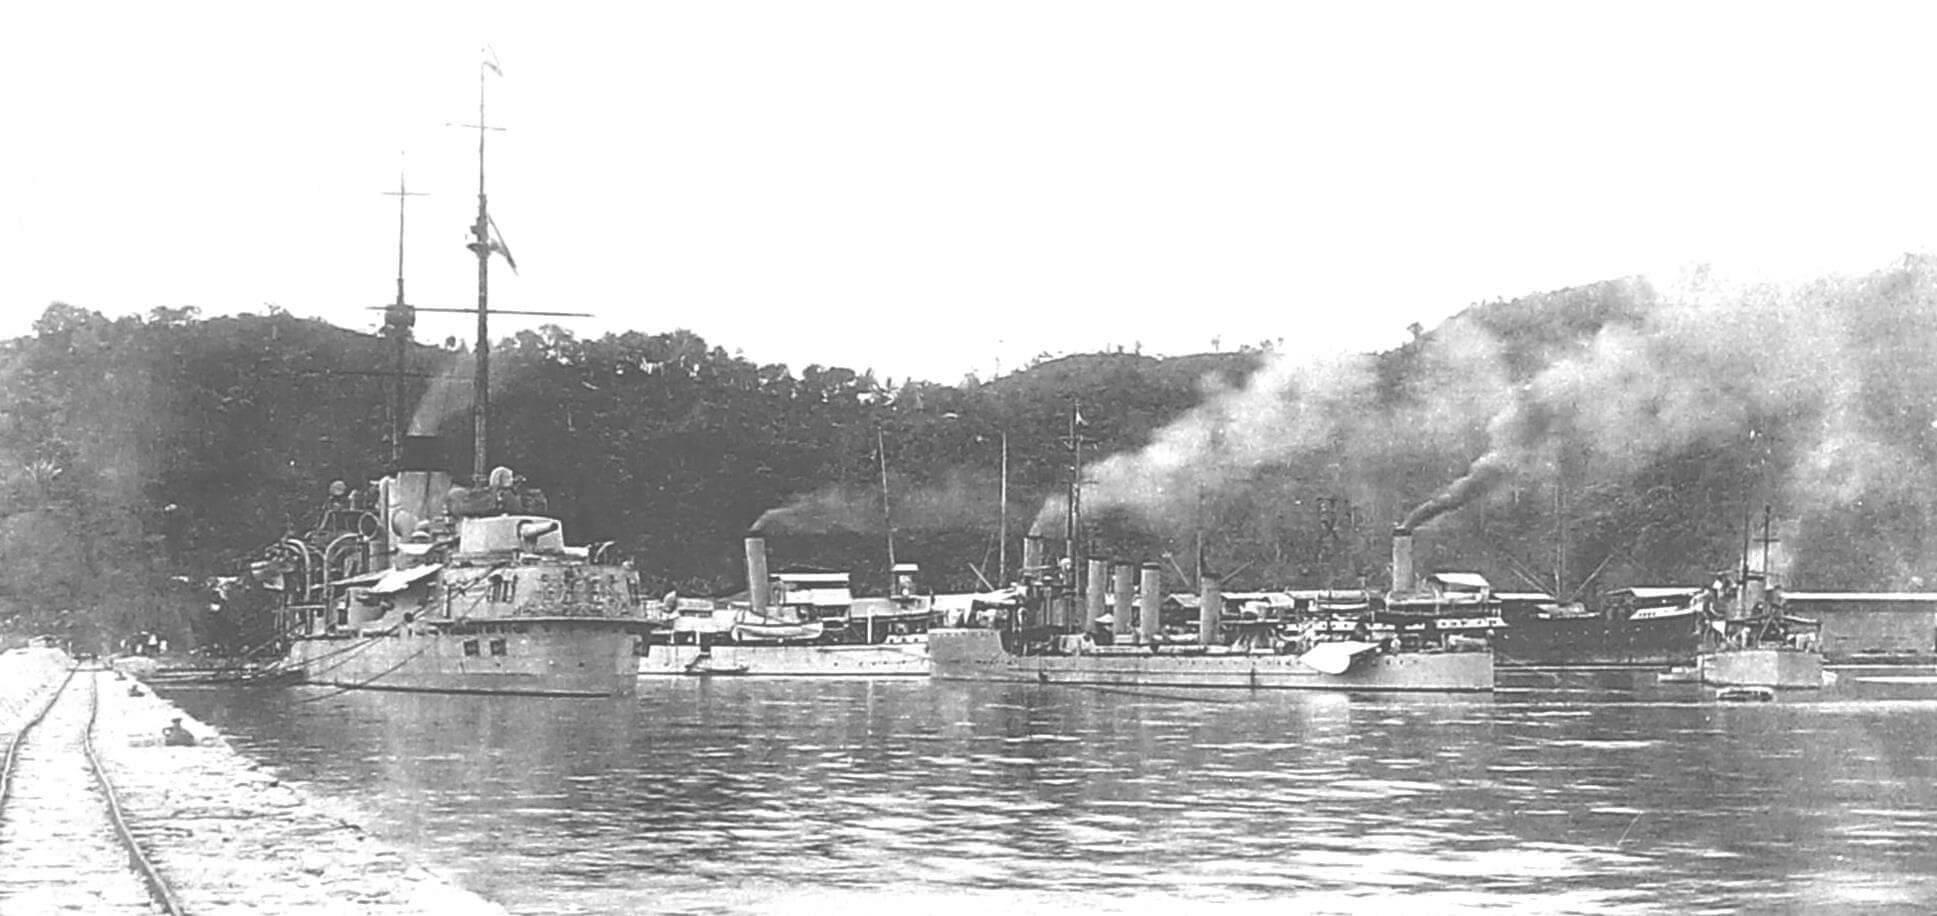 Корабли нидерландского флота в Ост-Индии. Слева - броненосец «Де Зевен Провинсиен» (хорошо видно кормовое украшение)